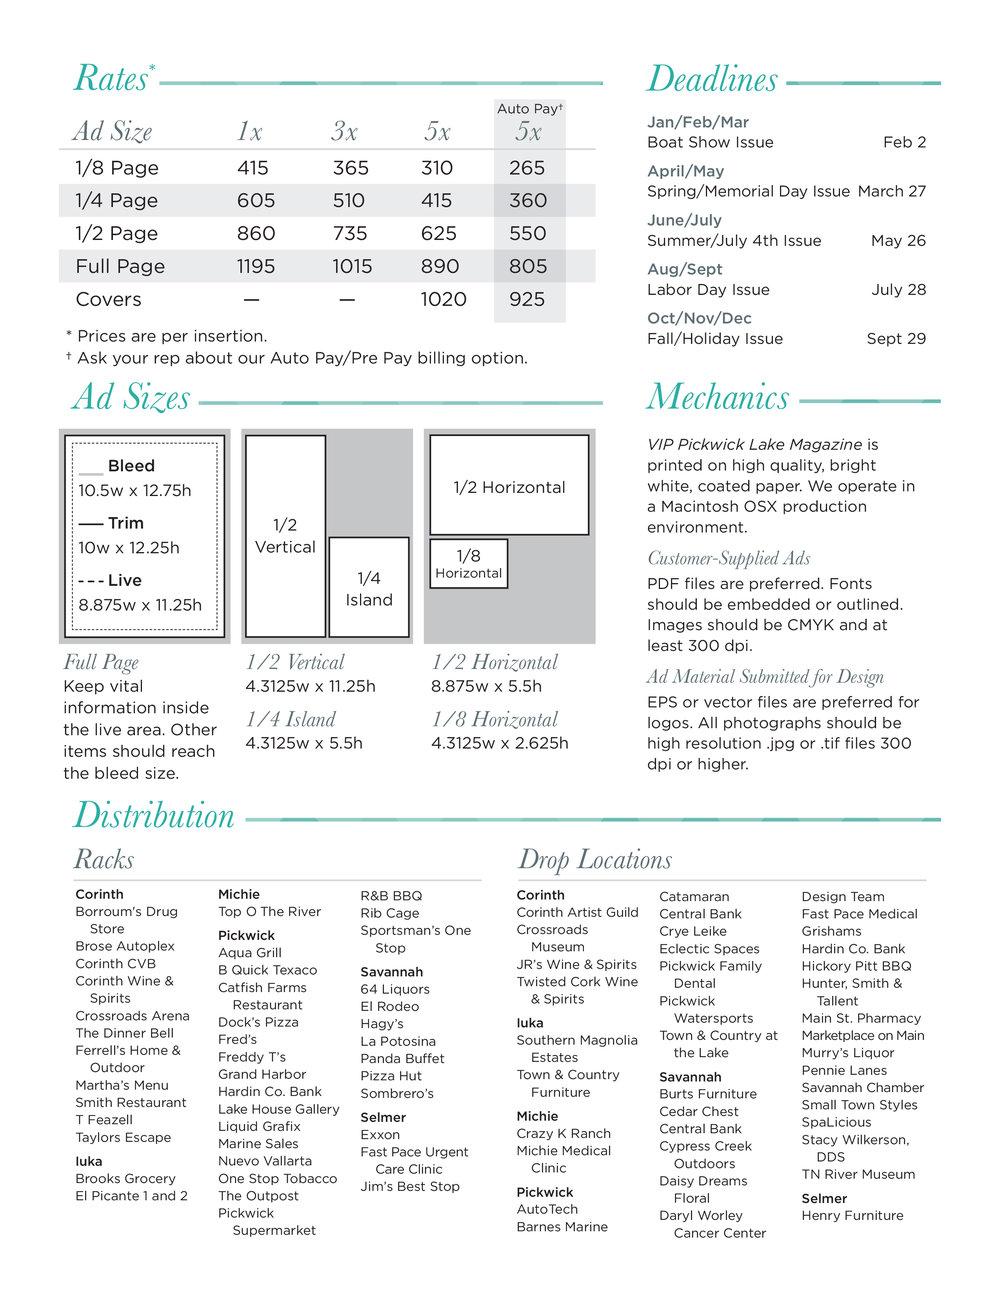 VIPPickwick Media Kit 2018-2.jpg